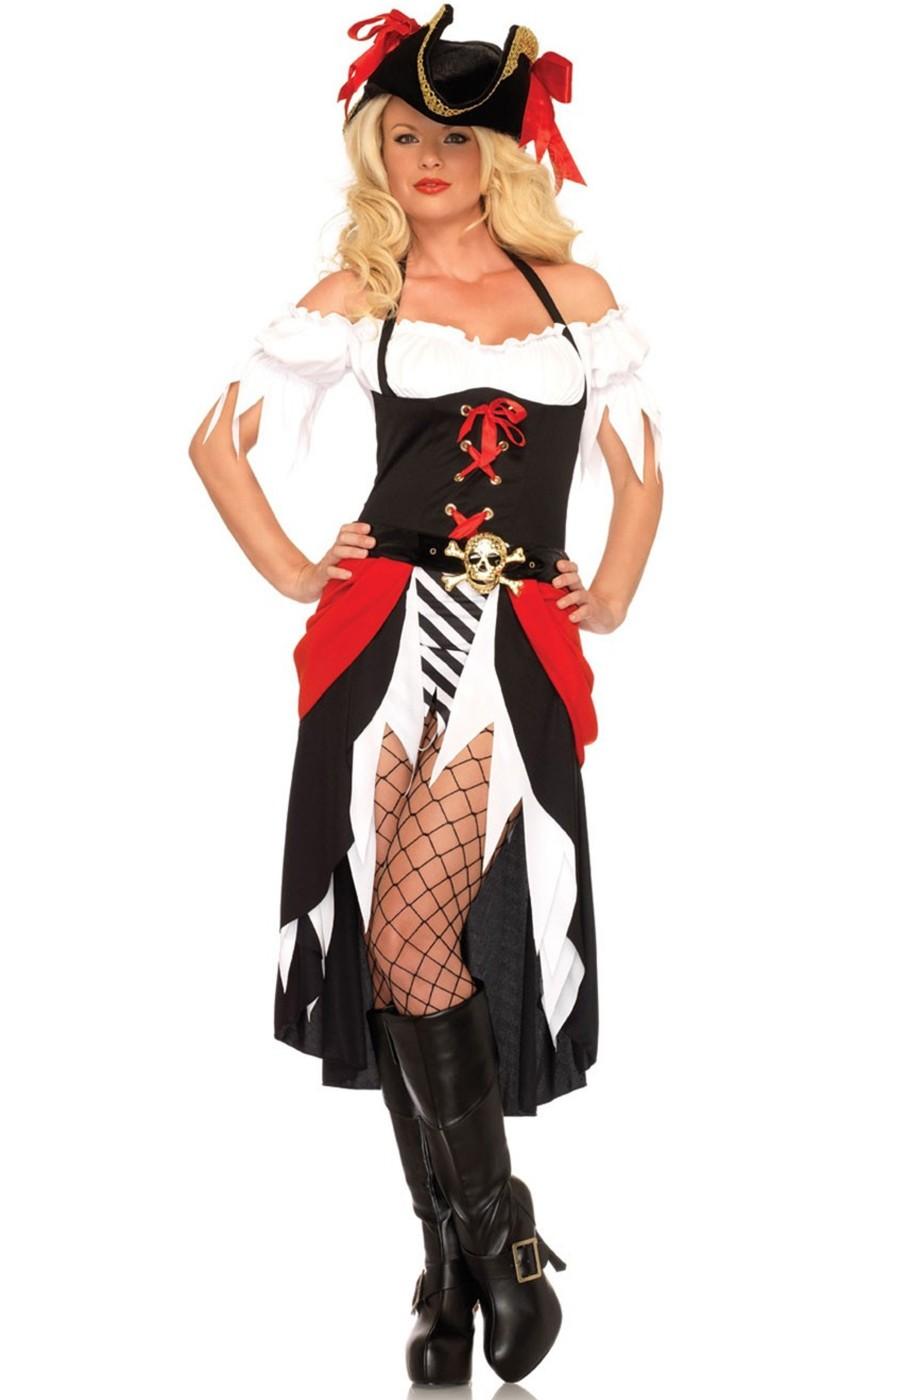 Costume donna pirata con gonna lunga e spacco